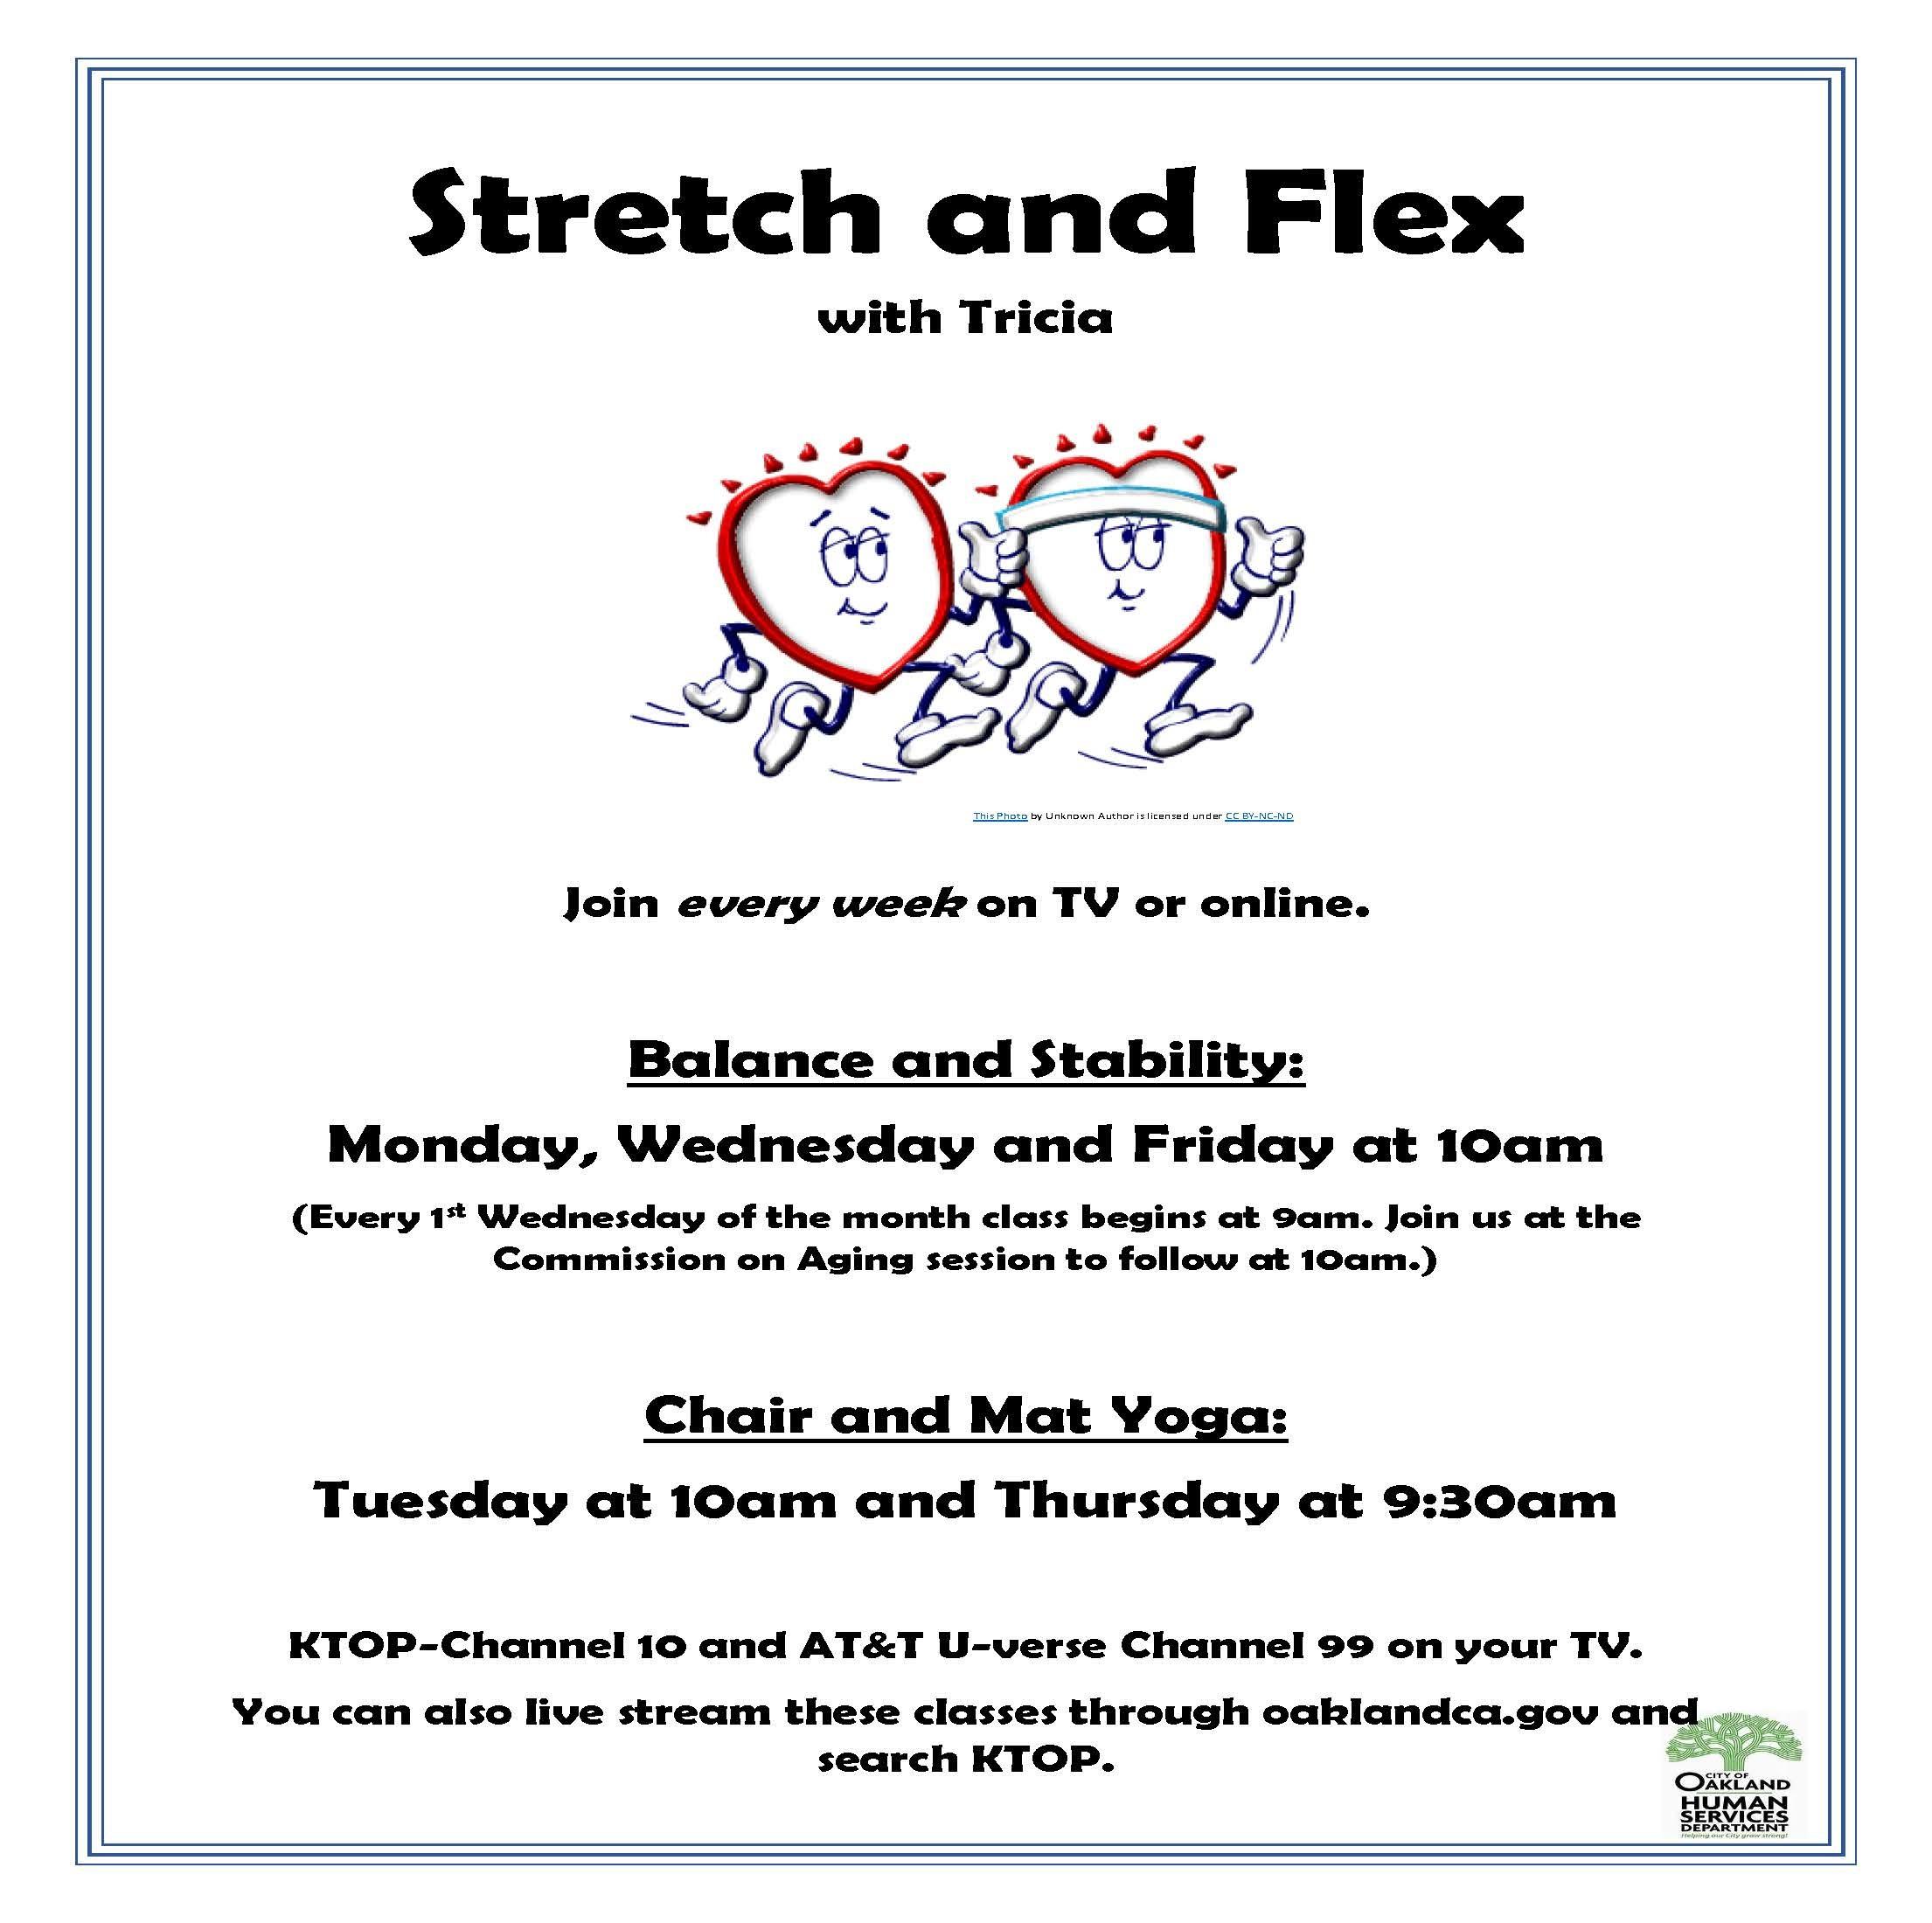 Stretch & Flex with Tricia: Balance & Stability Image